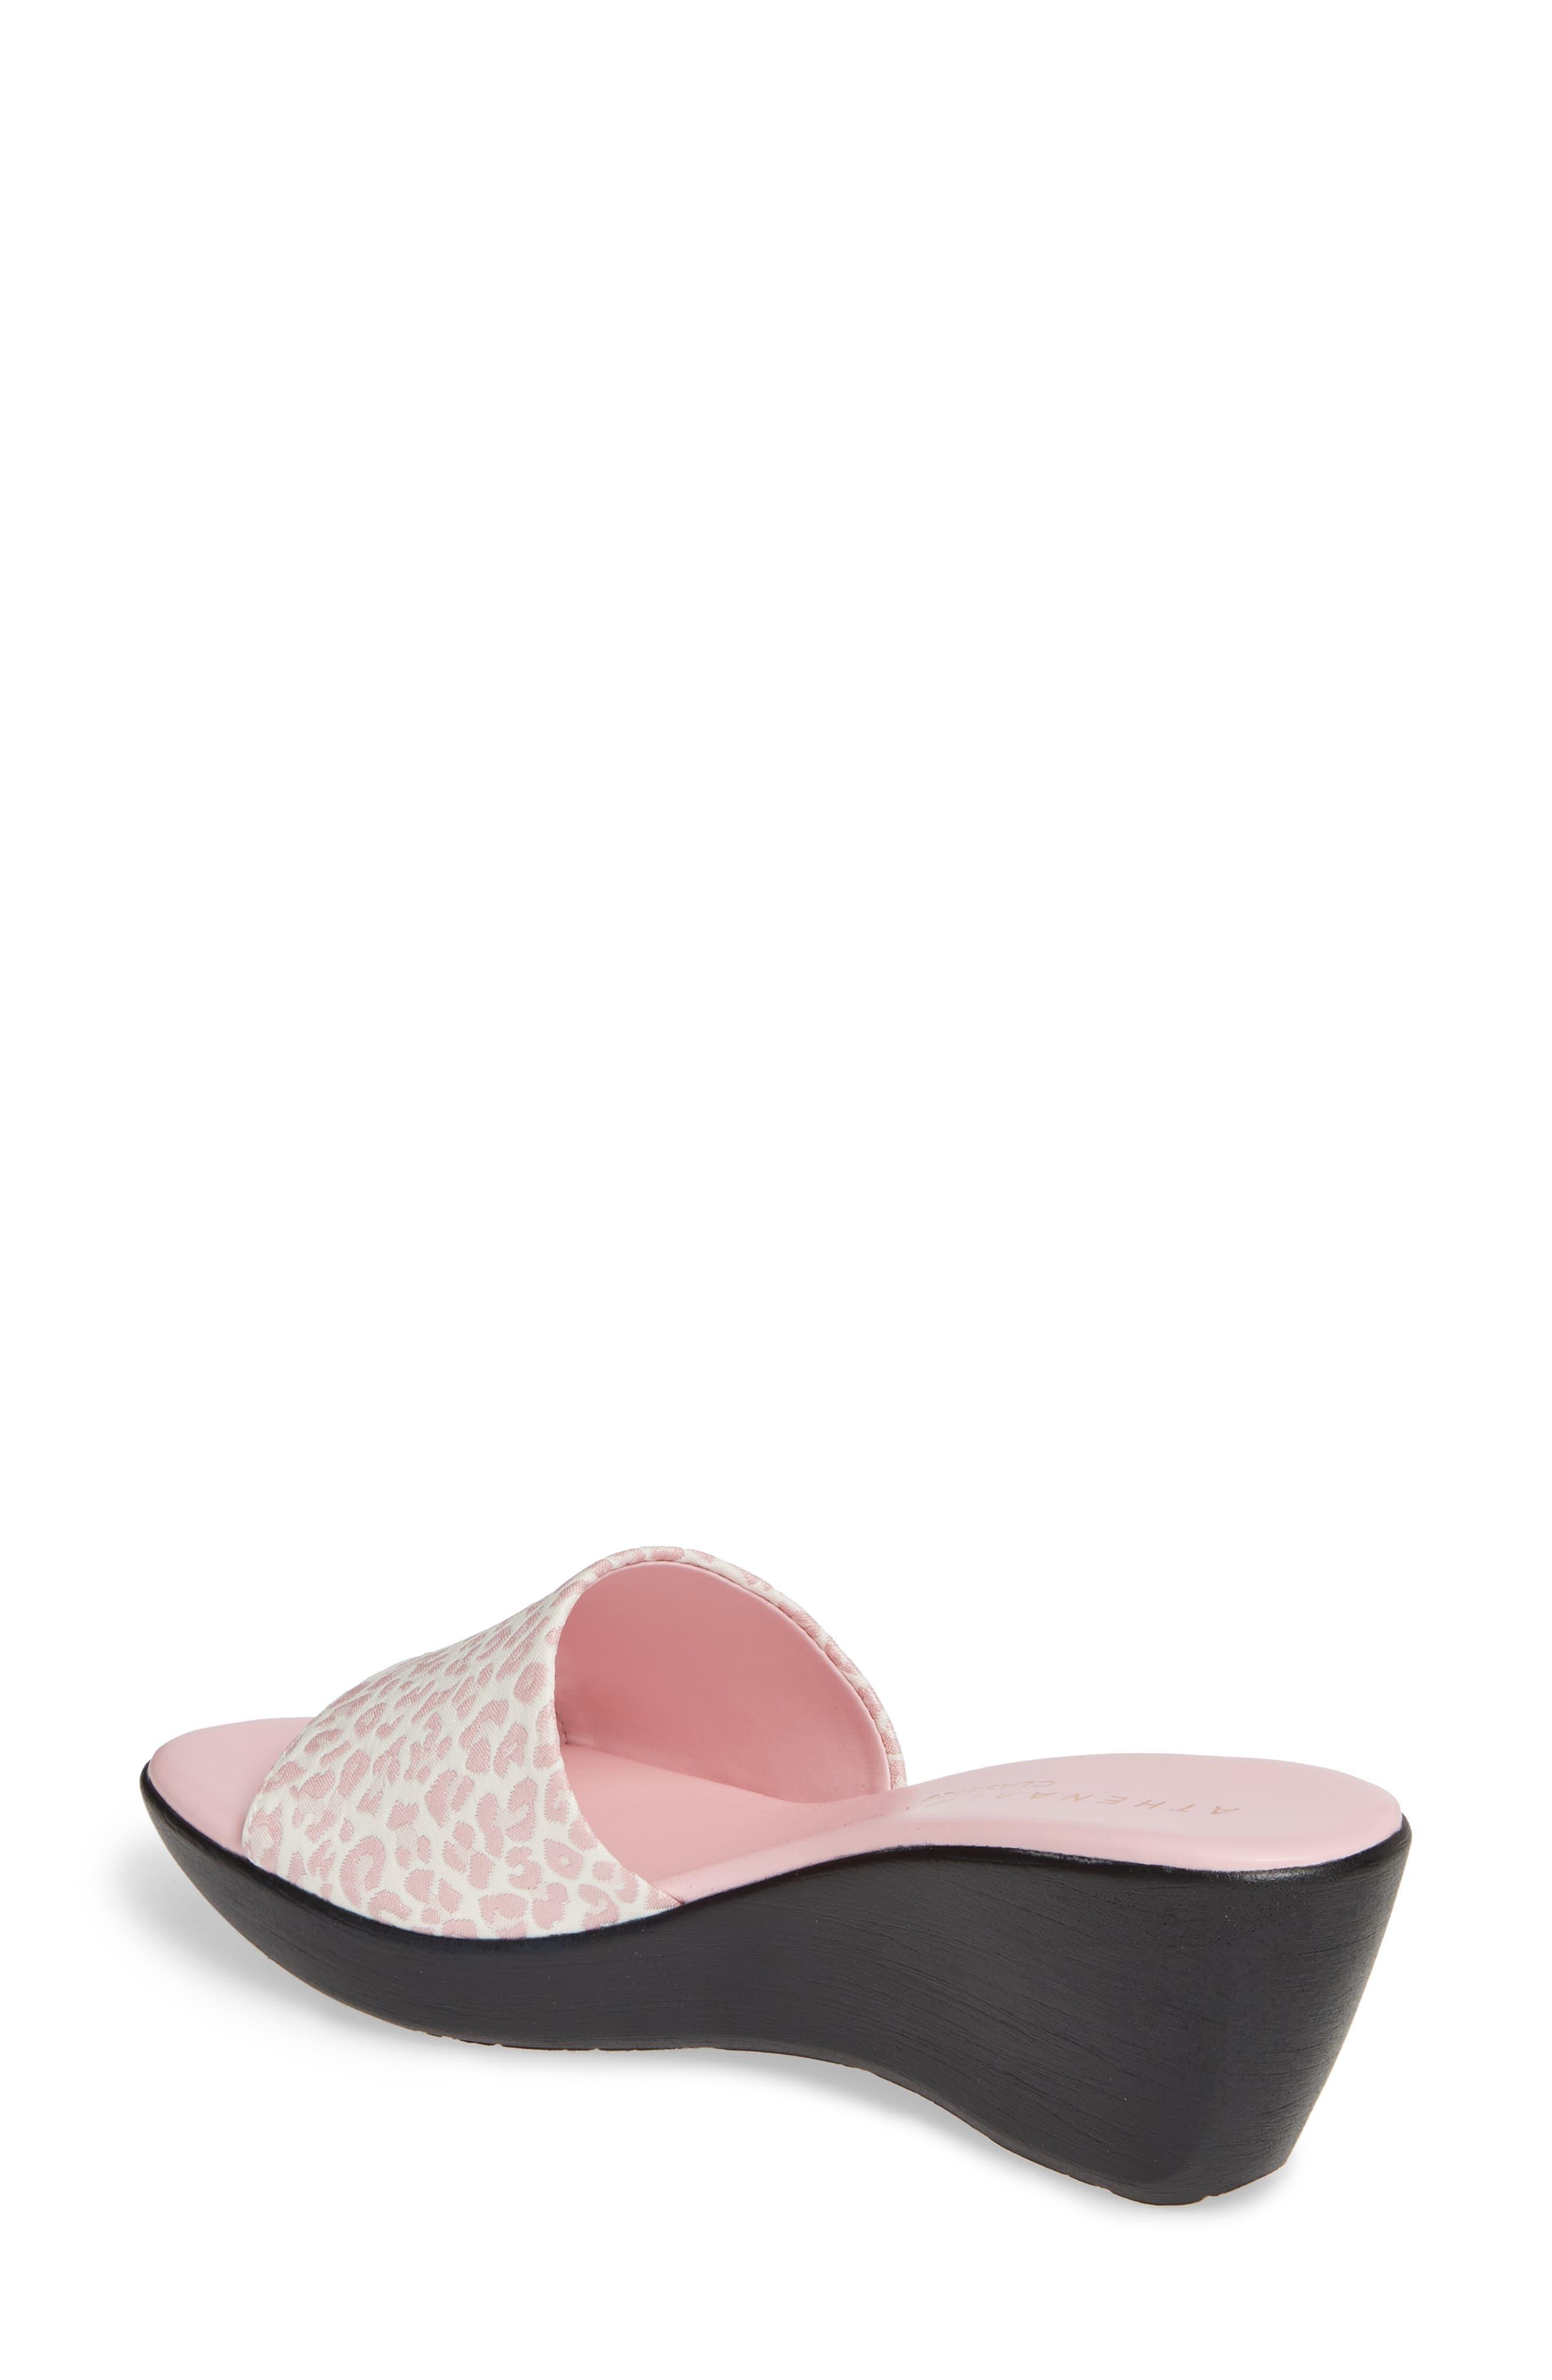 e75a505e18b705 athena alexander sandals